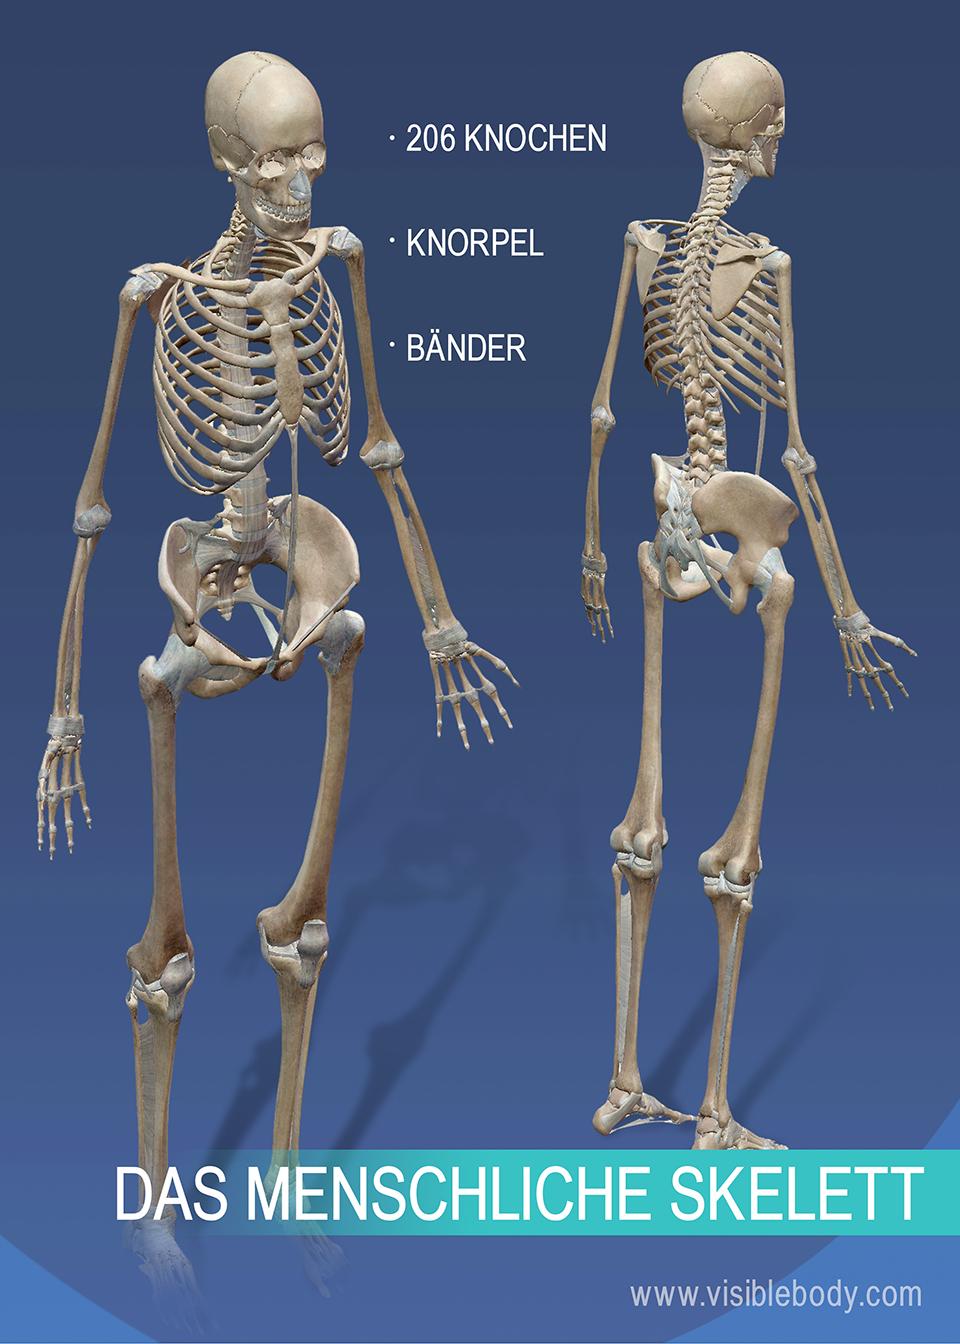 Das Skelettsystem besteht aus 206 Knochen sowie Knorpeln und Bändern